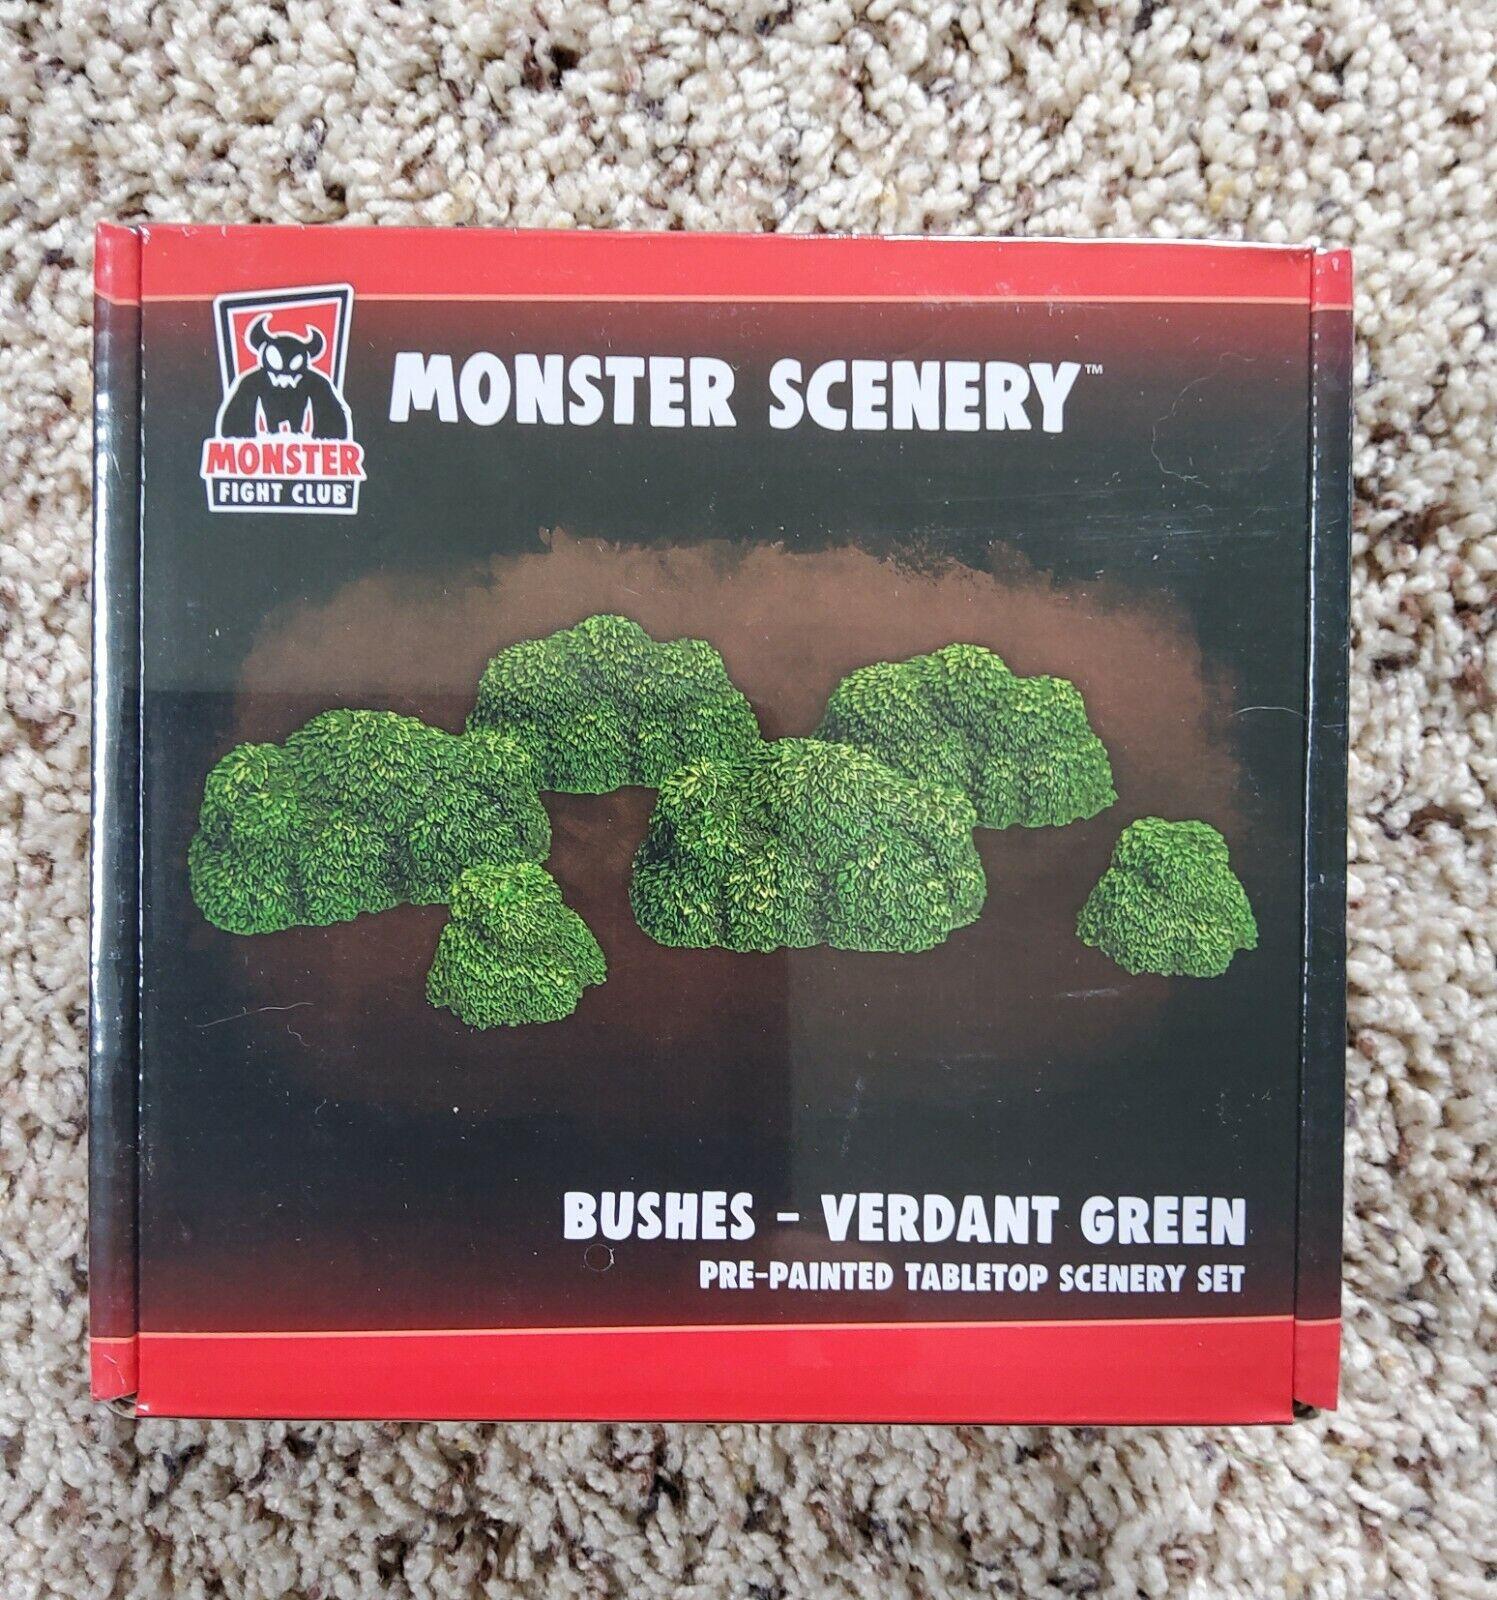 Monster Scenery- Bushes Verdant Green - Monster Fight Club - NEW UNOPENED